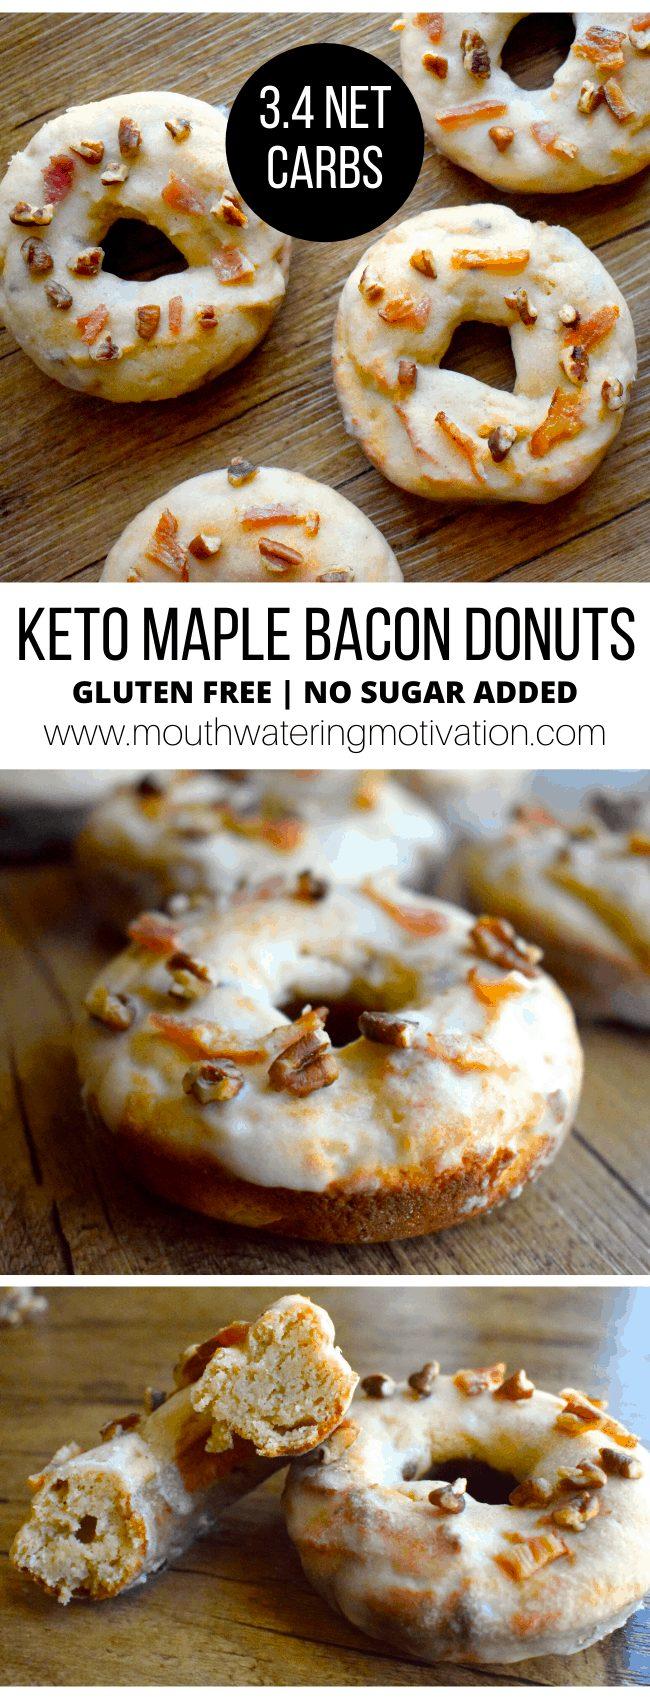 keto maple bacon donuts